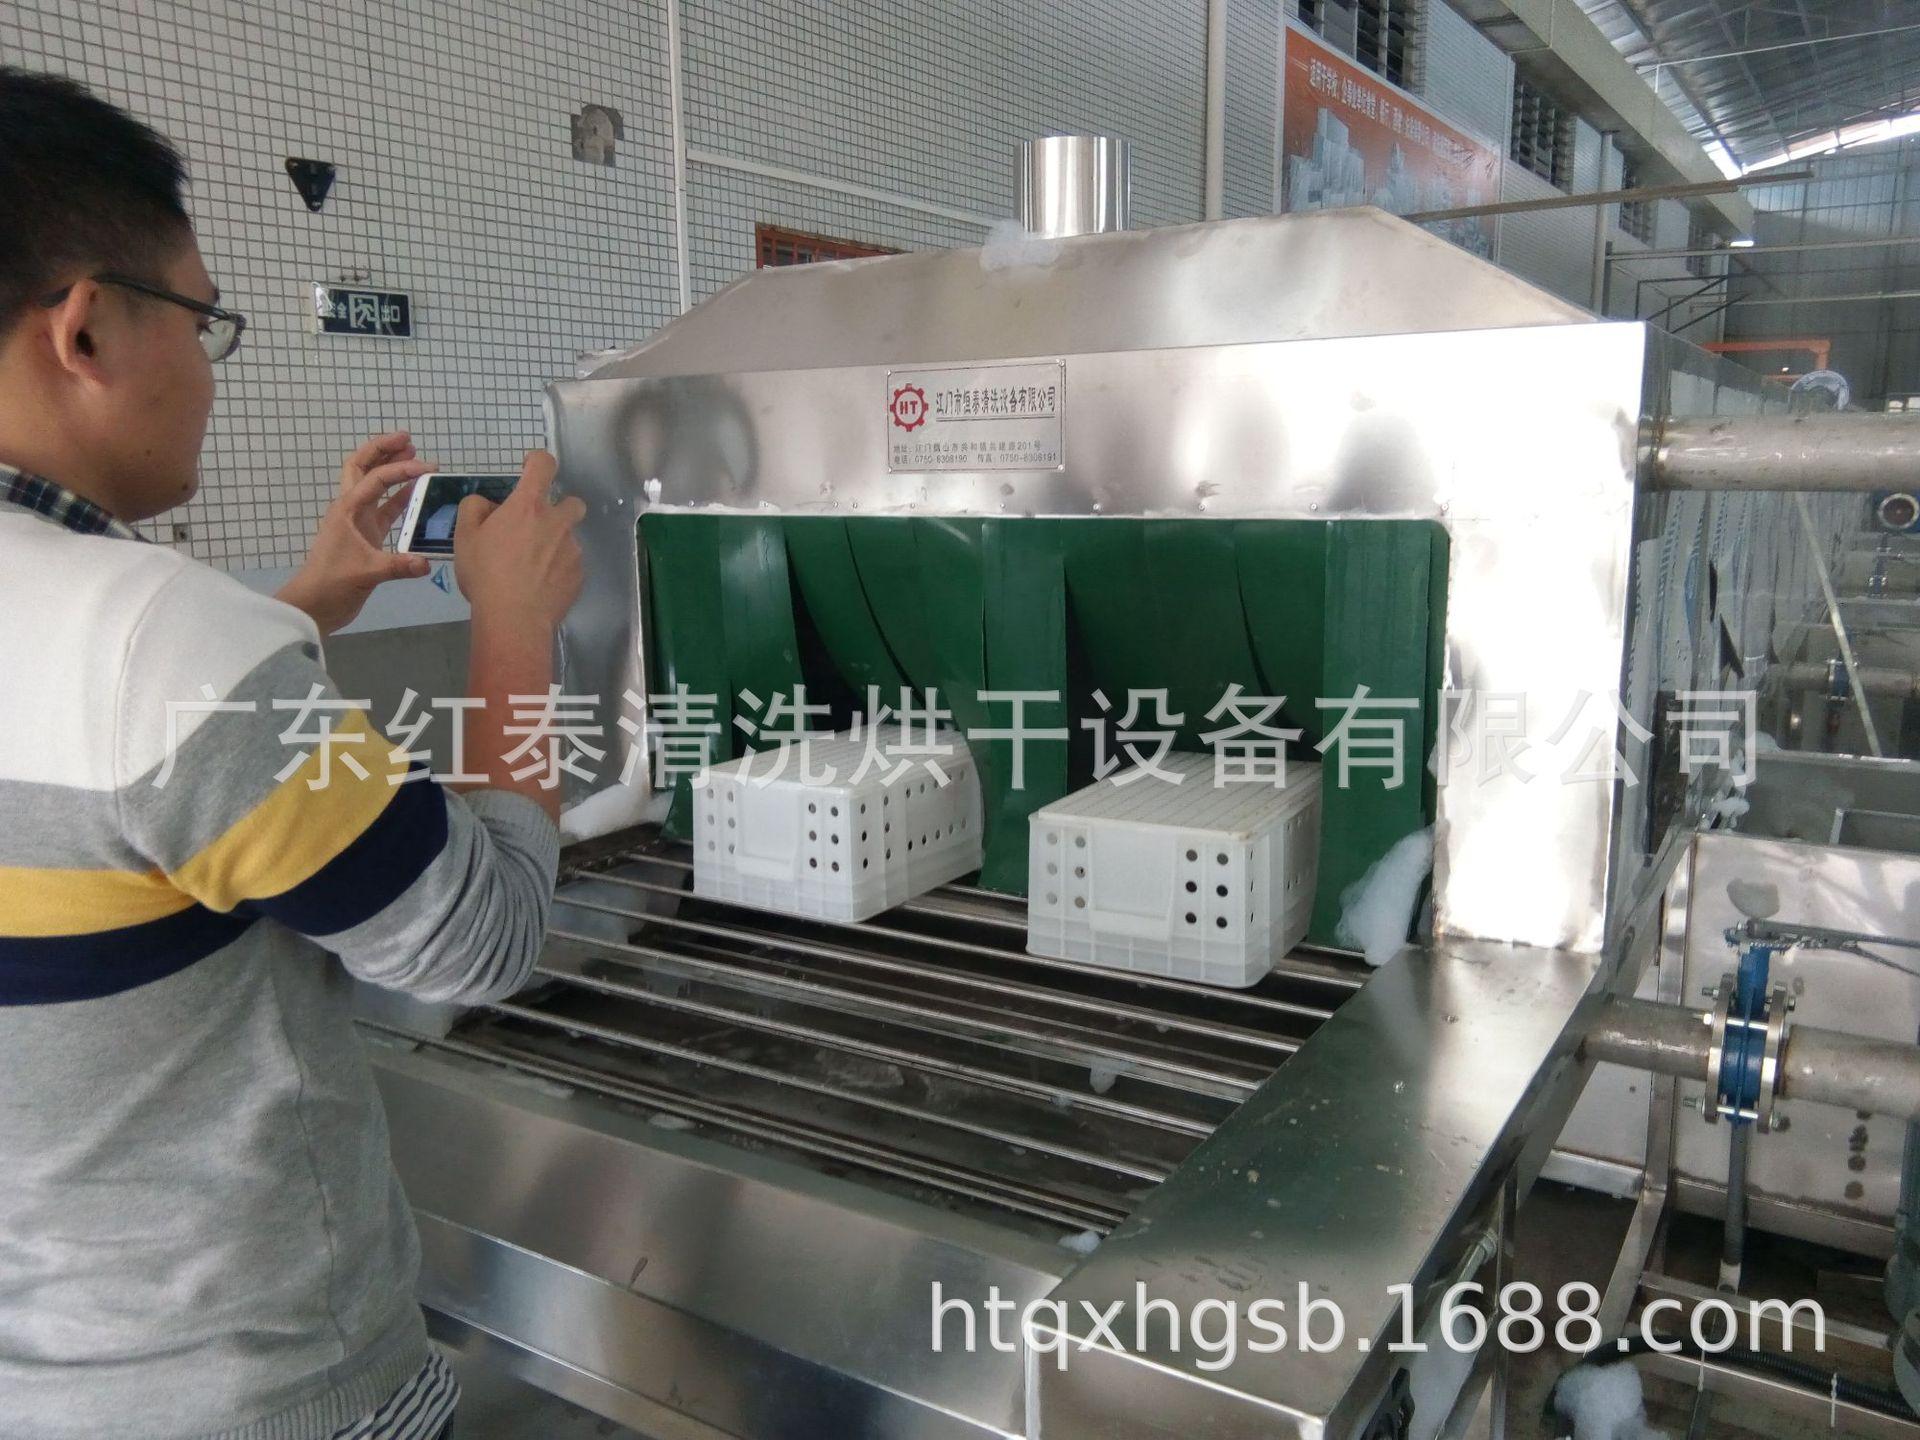 珠海烘培模具清洗机 珠海烘培模具清洗机厂家 清洗机按要求定制示例图9